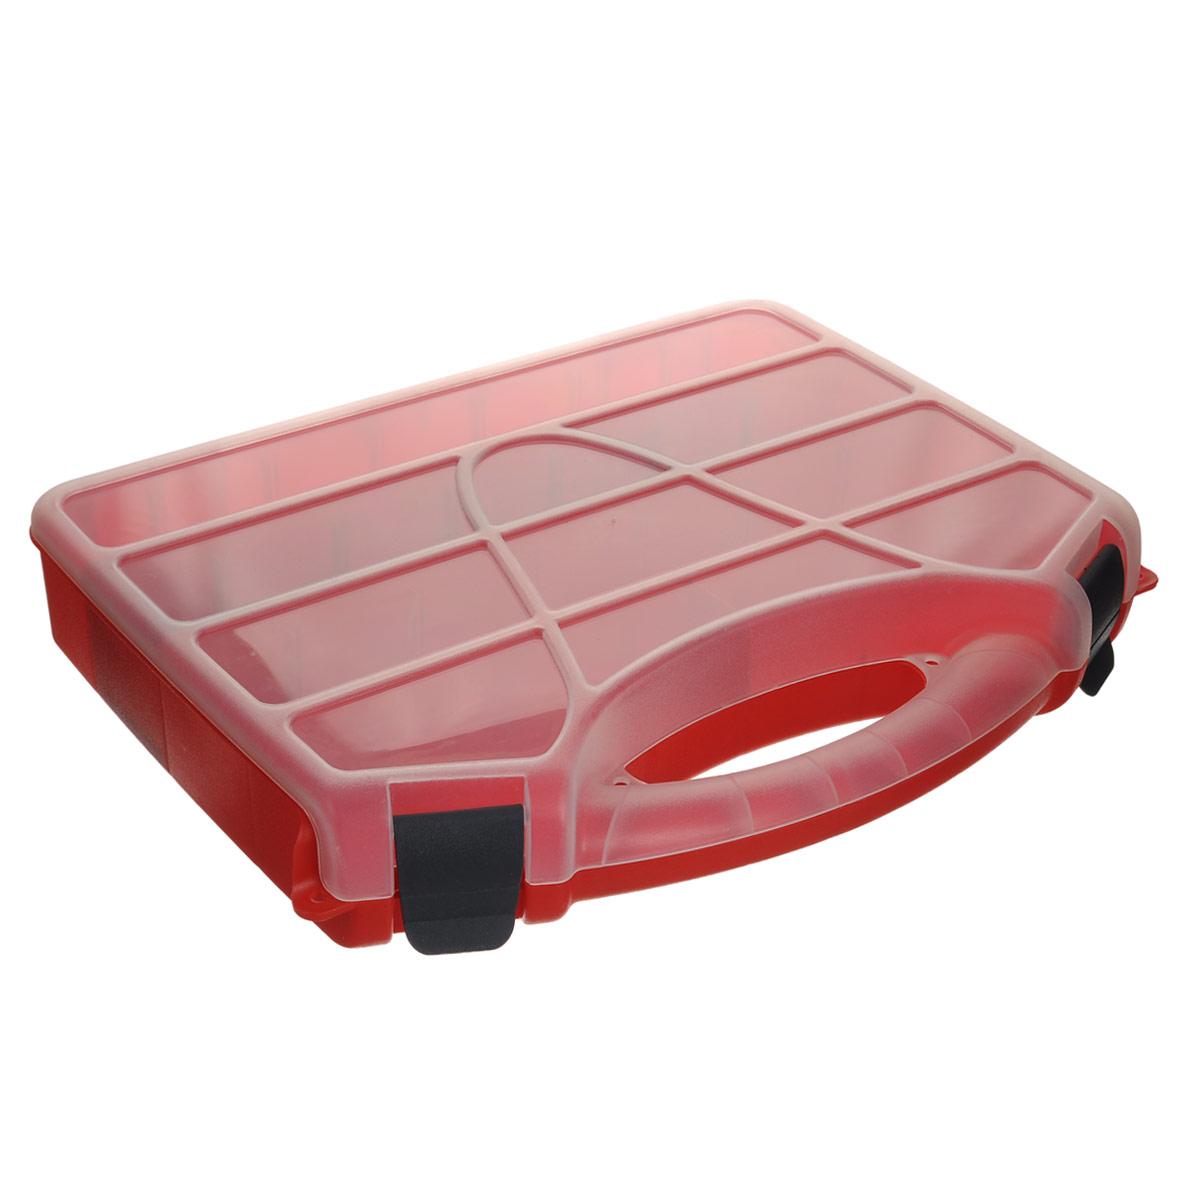 Органайзер Blocker Profi, со съемными перегородками, цвет: красный, 46 см х 35,5 см х 7 см органайзер blocker hobby box цвет салатовый черный 29 5 х 18 х 9 см